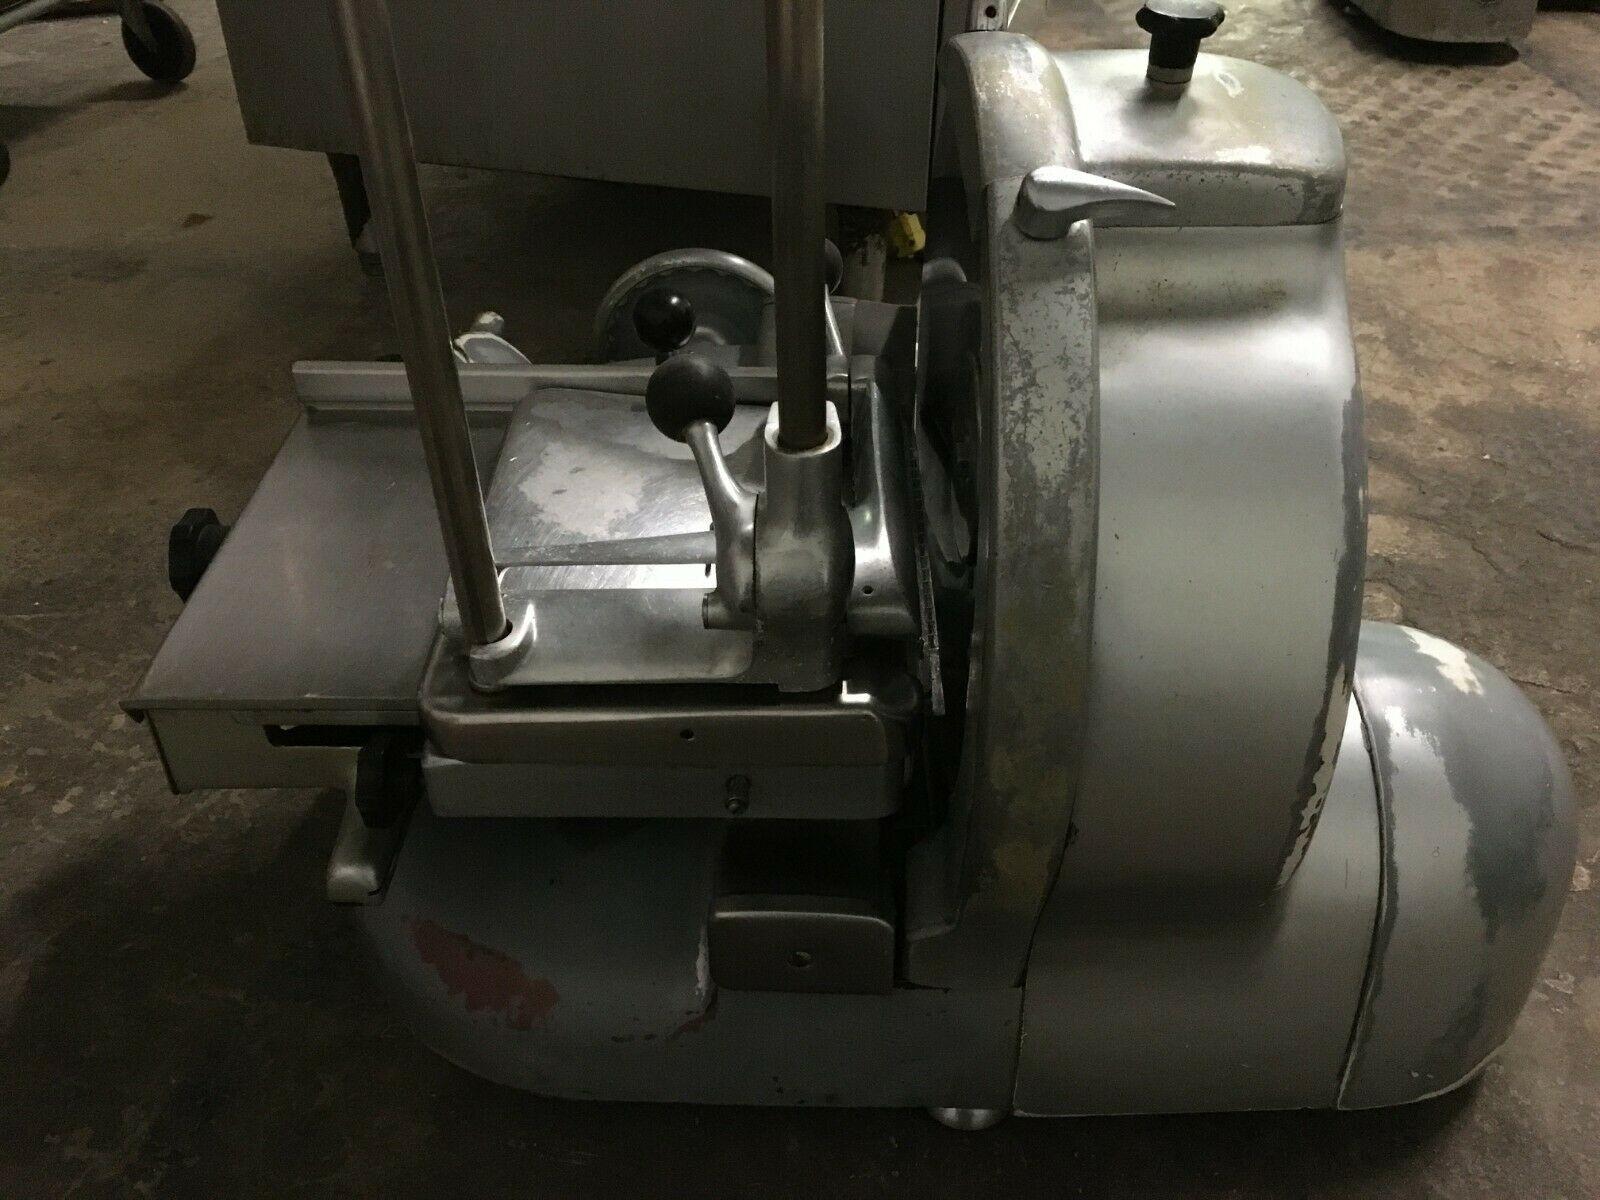 Berkel 910 Slicer Parts Manual Berkel 910 Mercial Automatic Roast Beef Slicer Shaver Of Berkel 910 Slicer Parts Manual